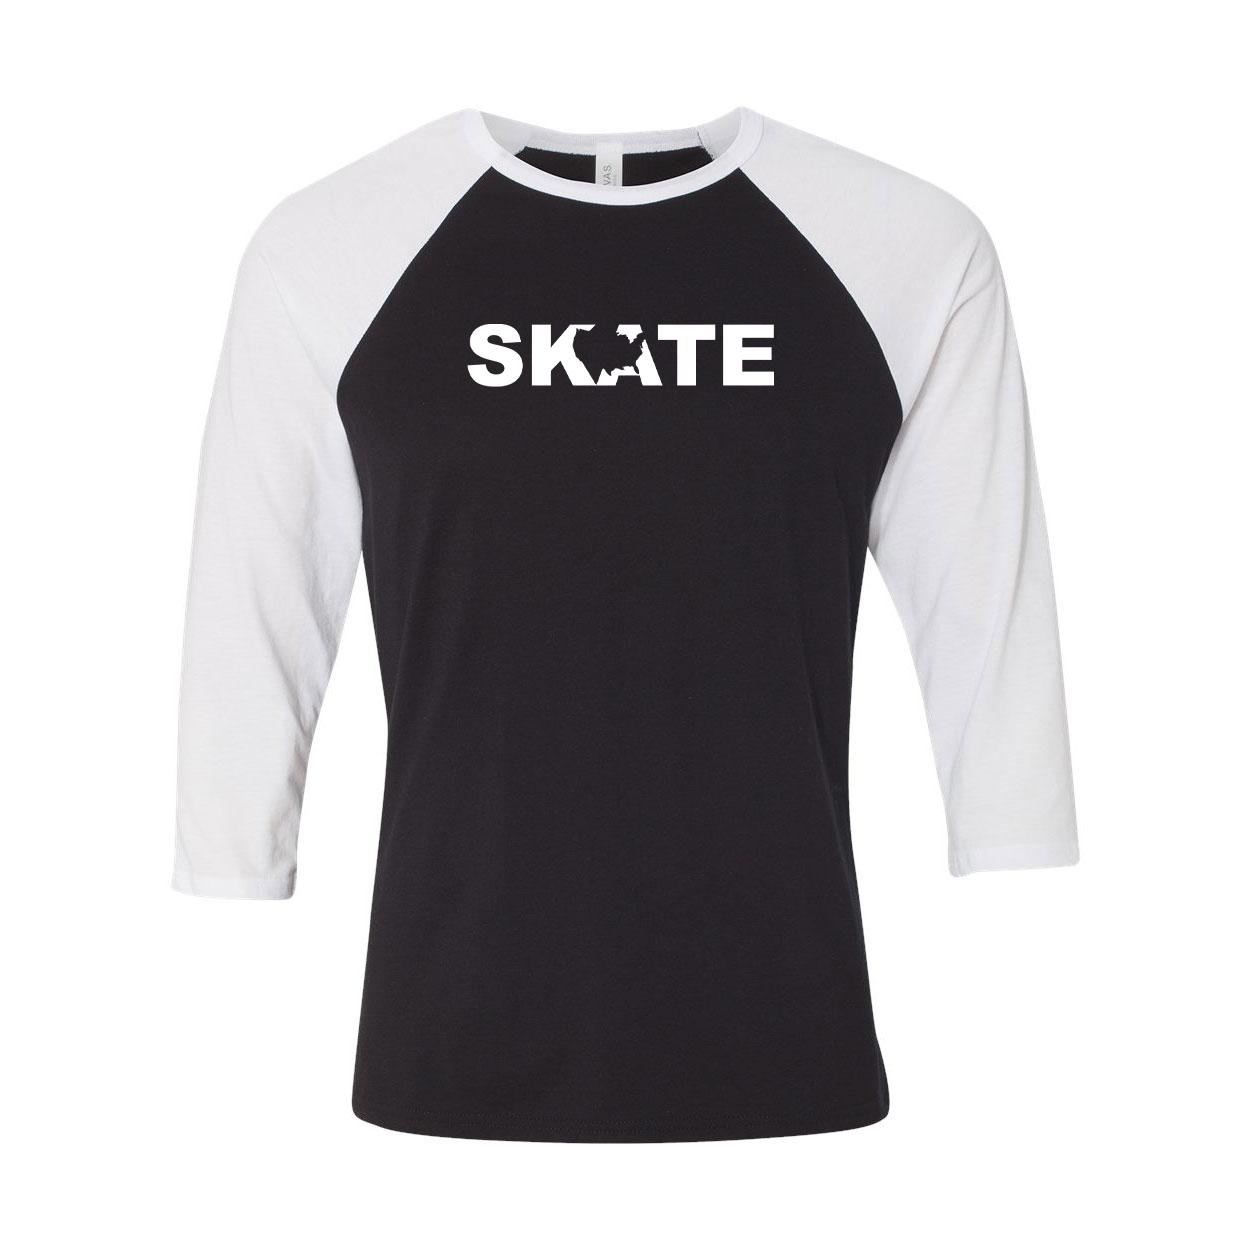 Skate United States Classic Raglan Shirt Black/White (White Logo)